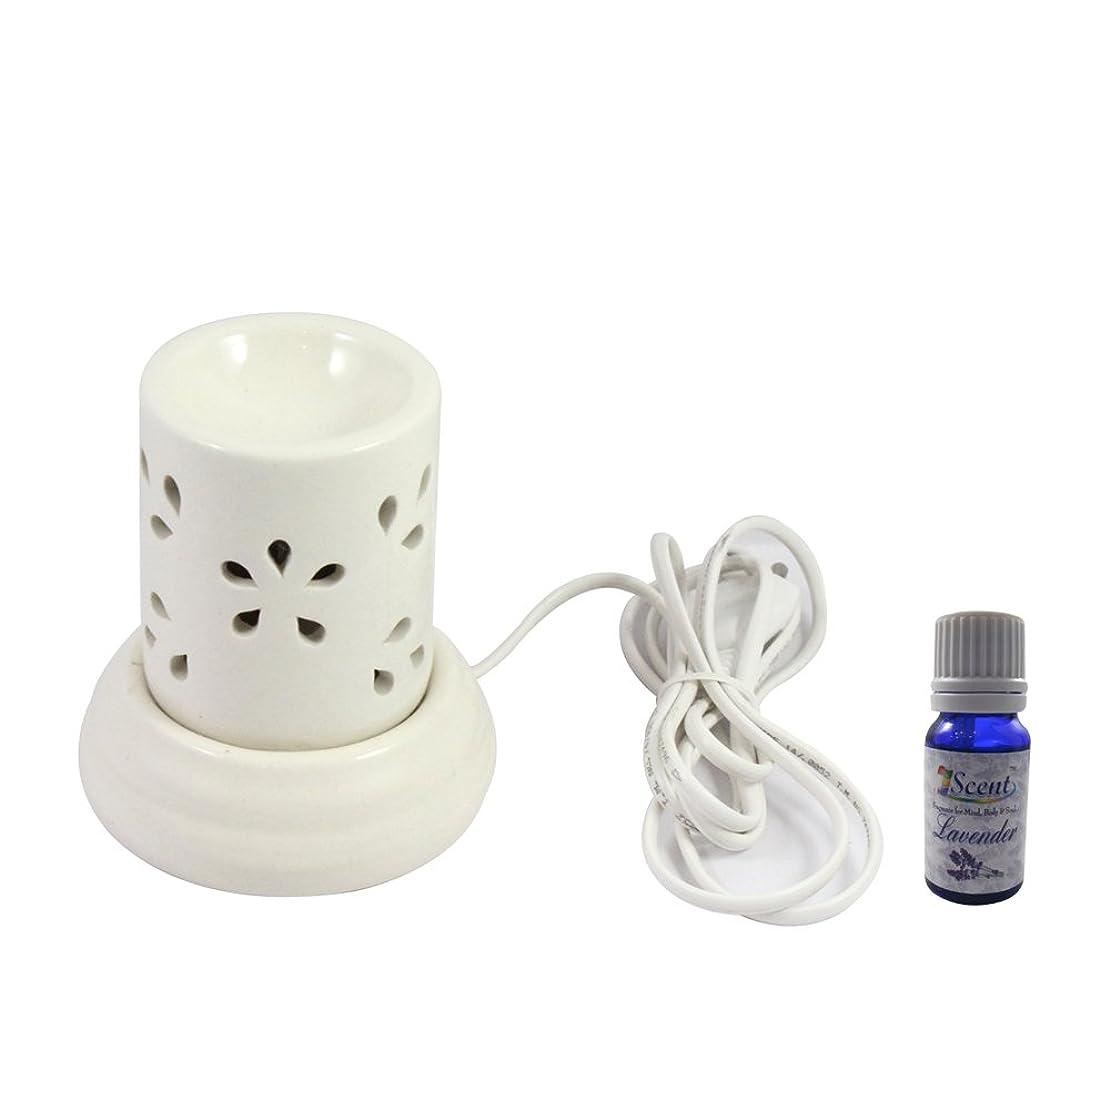 お祝いアノイ願う家庭装飾定期的に使用する汚染されていない手作りセラミックエスニック電気アロマディフューザーオイルバーナージャスミンフレグランスオイル|良質白い色の電気アロマテラピー香油暖かい数量1